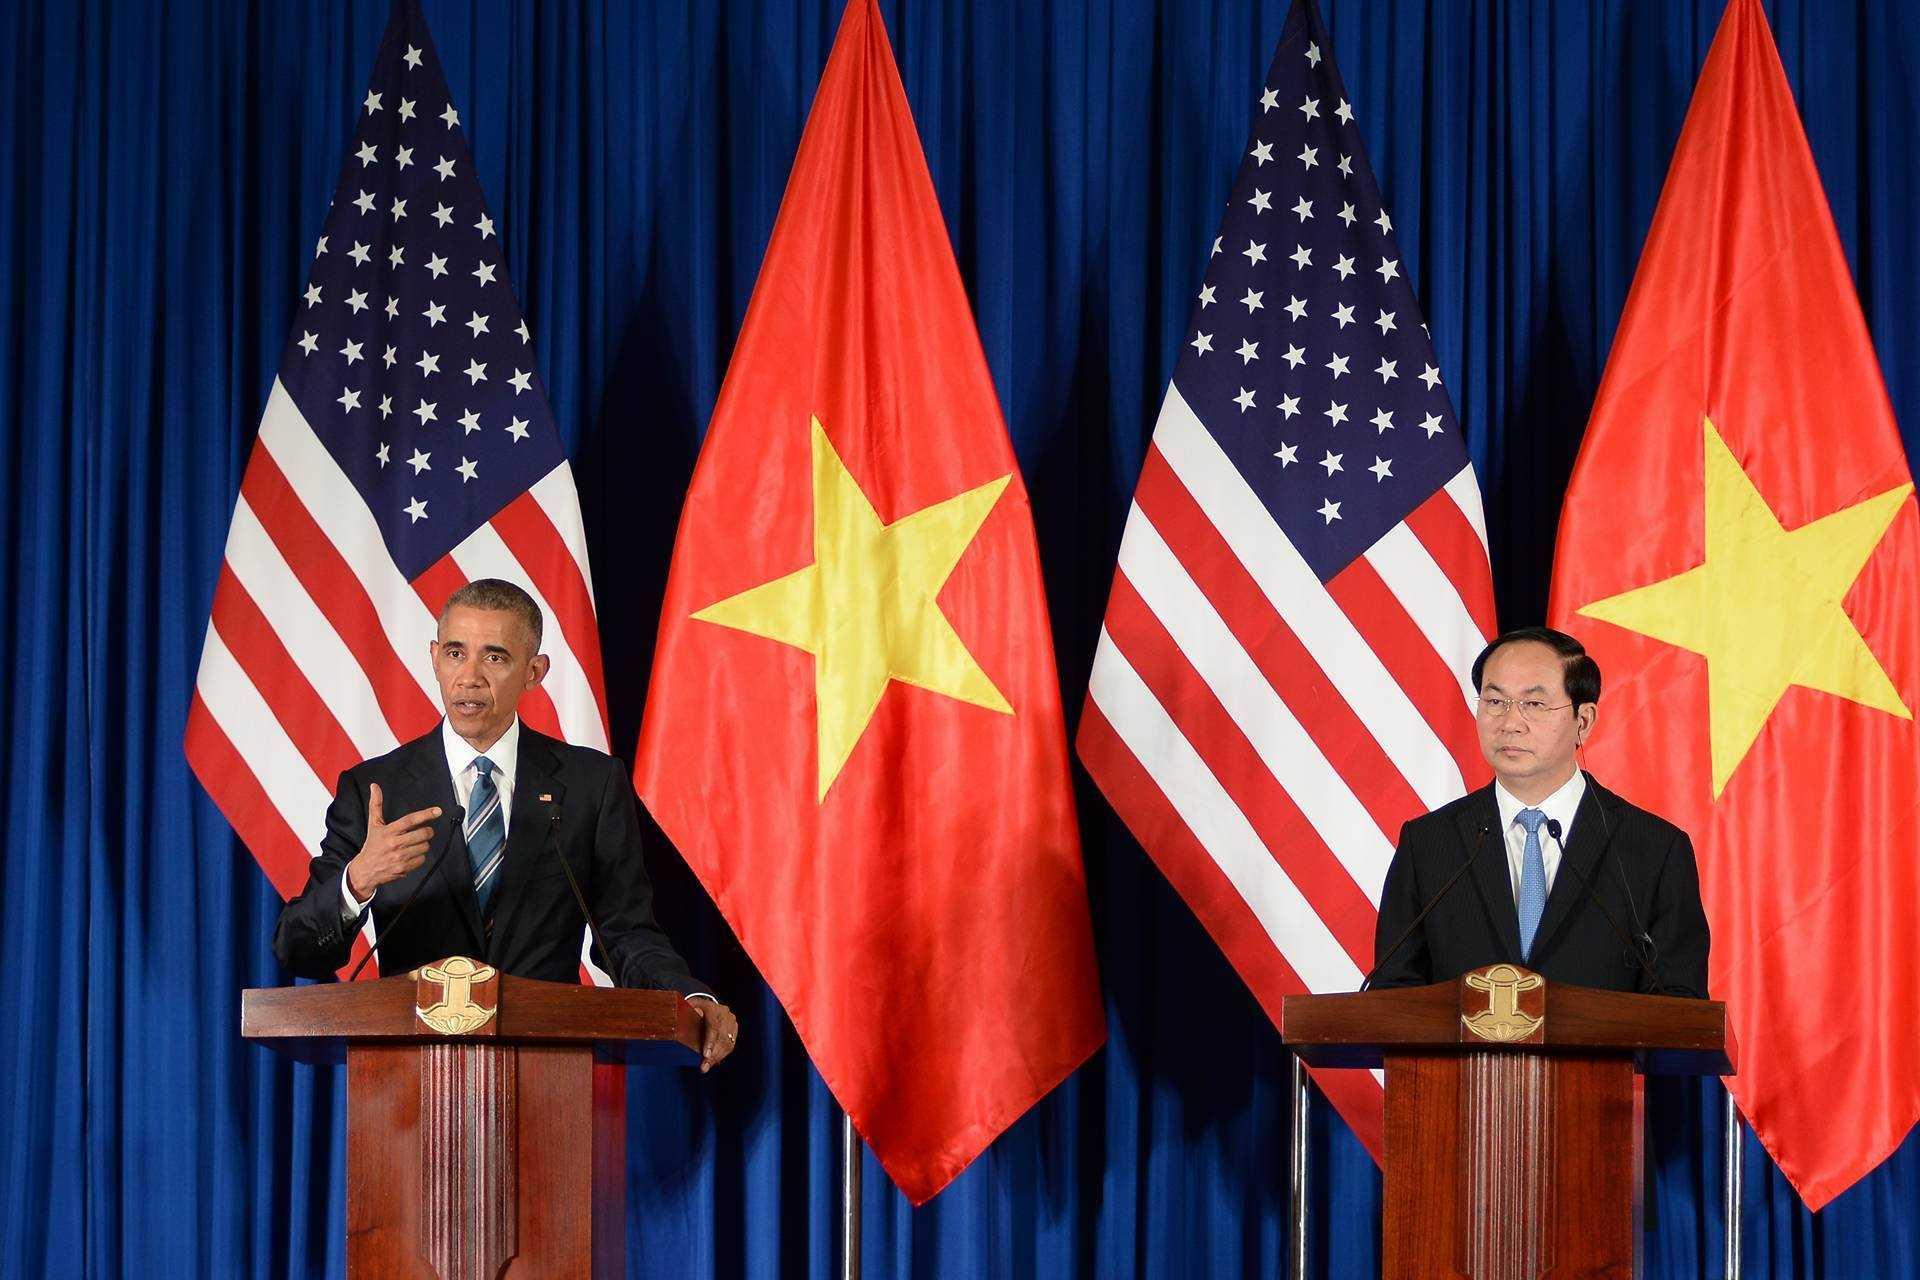 Ông Obama tại cuộc họp báo chung với Chủ tịch nước Trần Đại Quang (ảnh: Tùng Đinh)